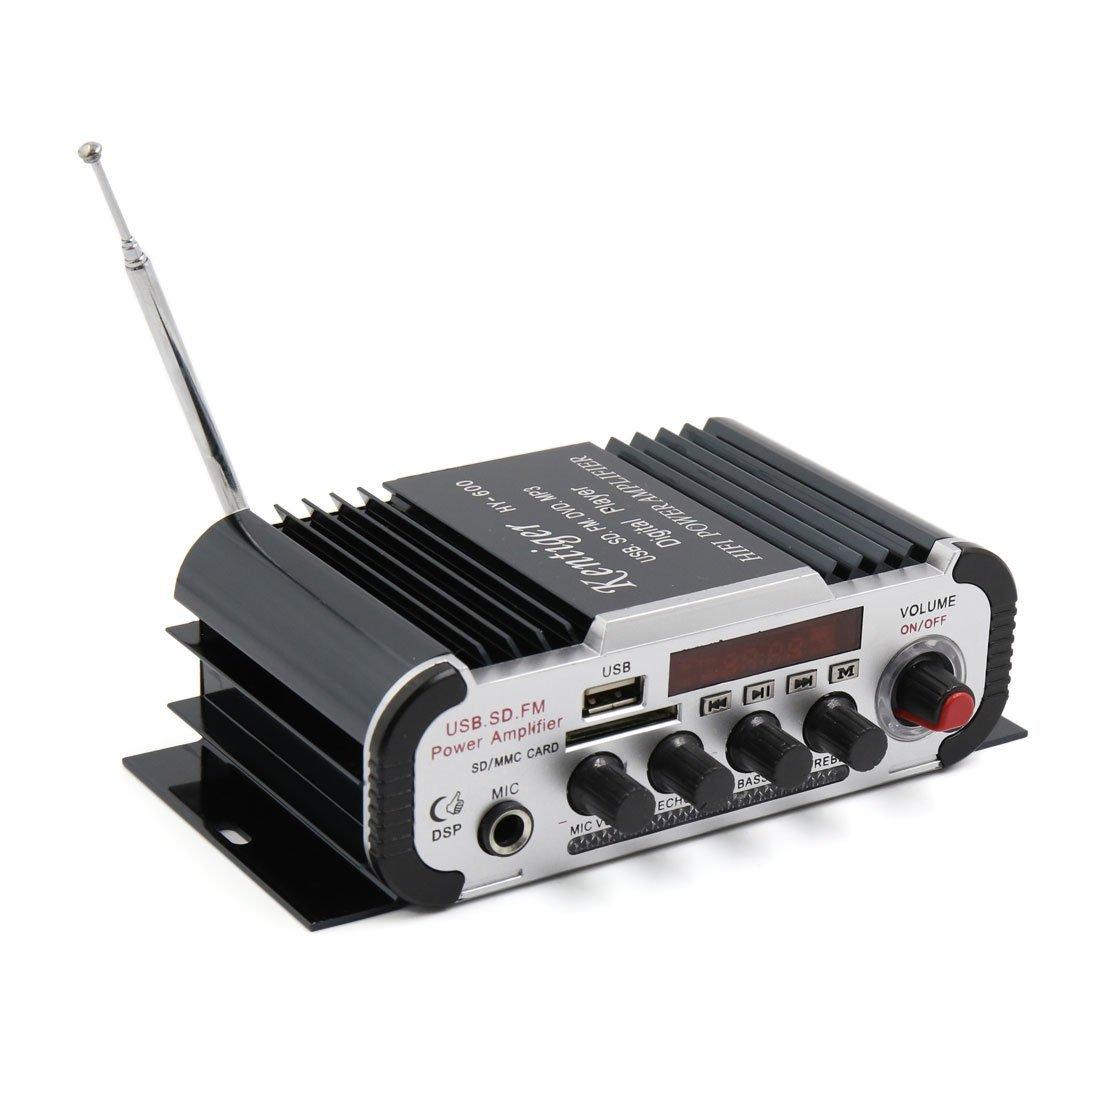 Amazon.com: DealMux DC 12V USB SD FM Hi-Fi Amplificador de áudio estéreo Poder w controle remoto para carro: Car Electronics